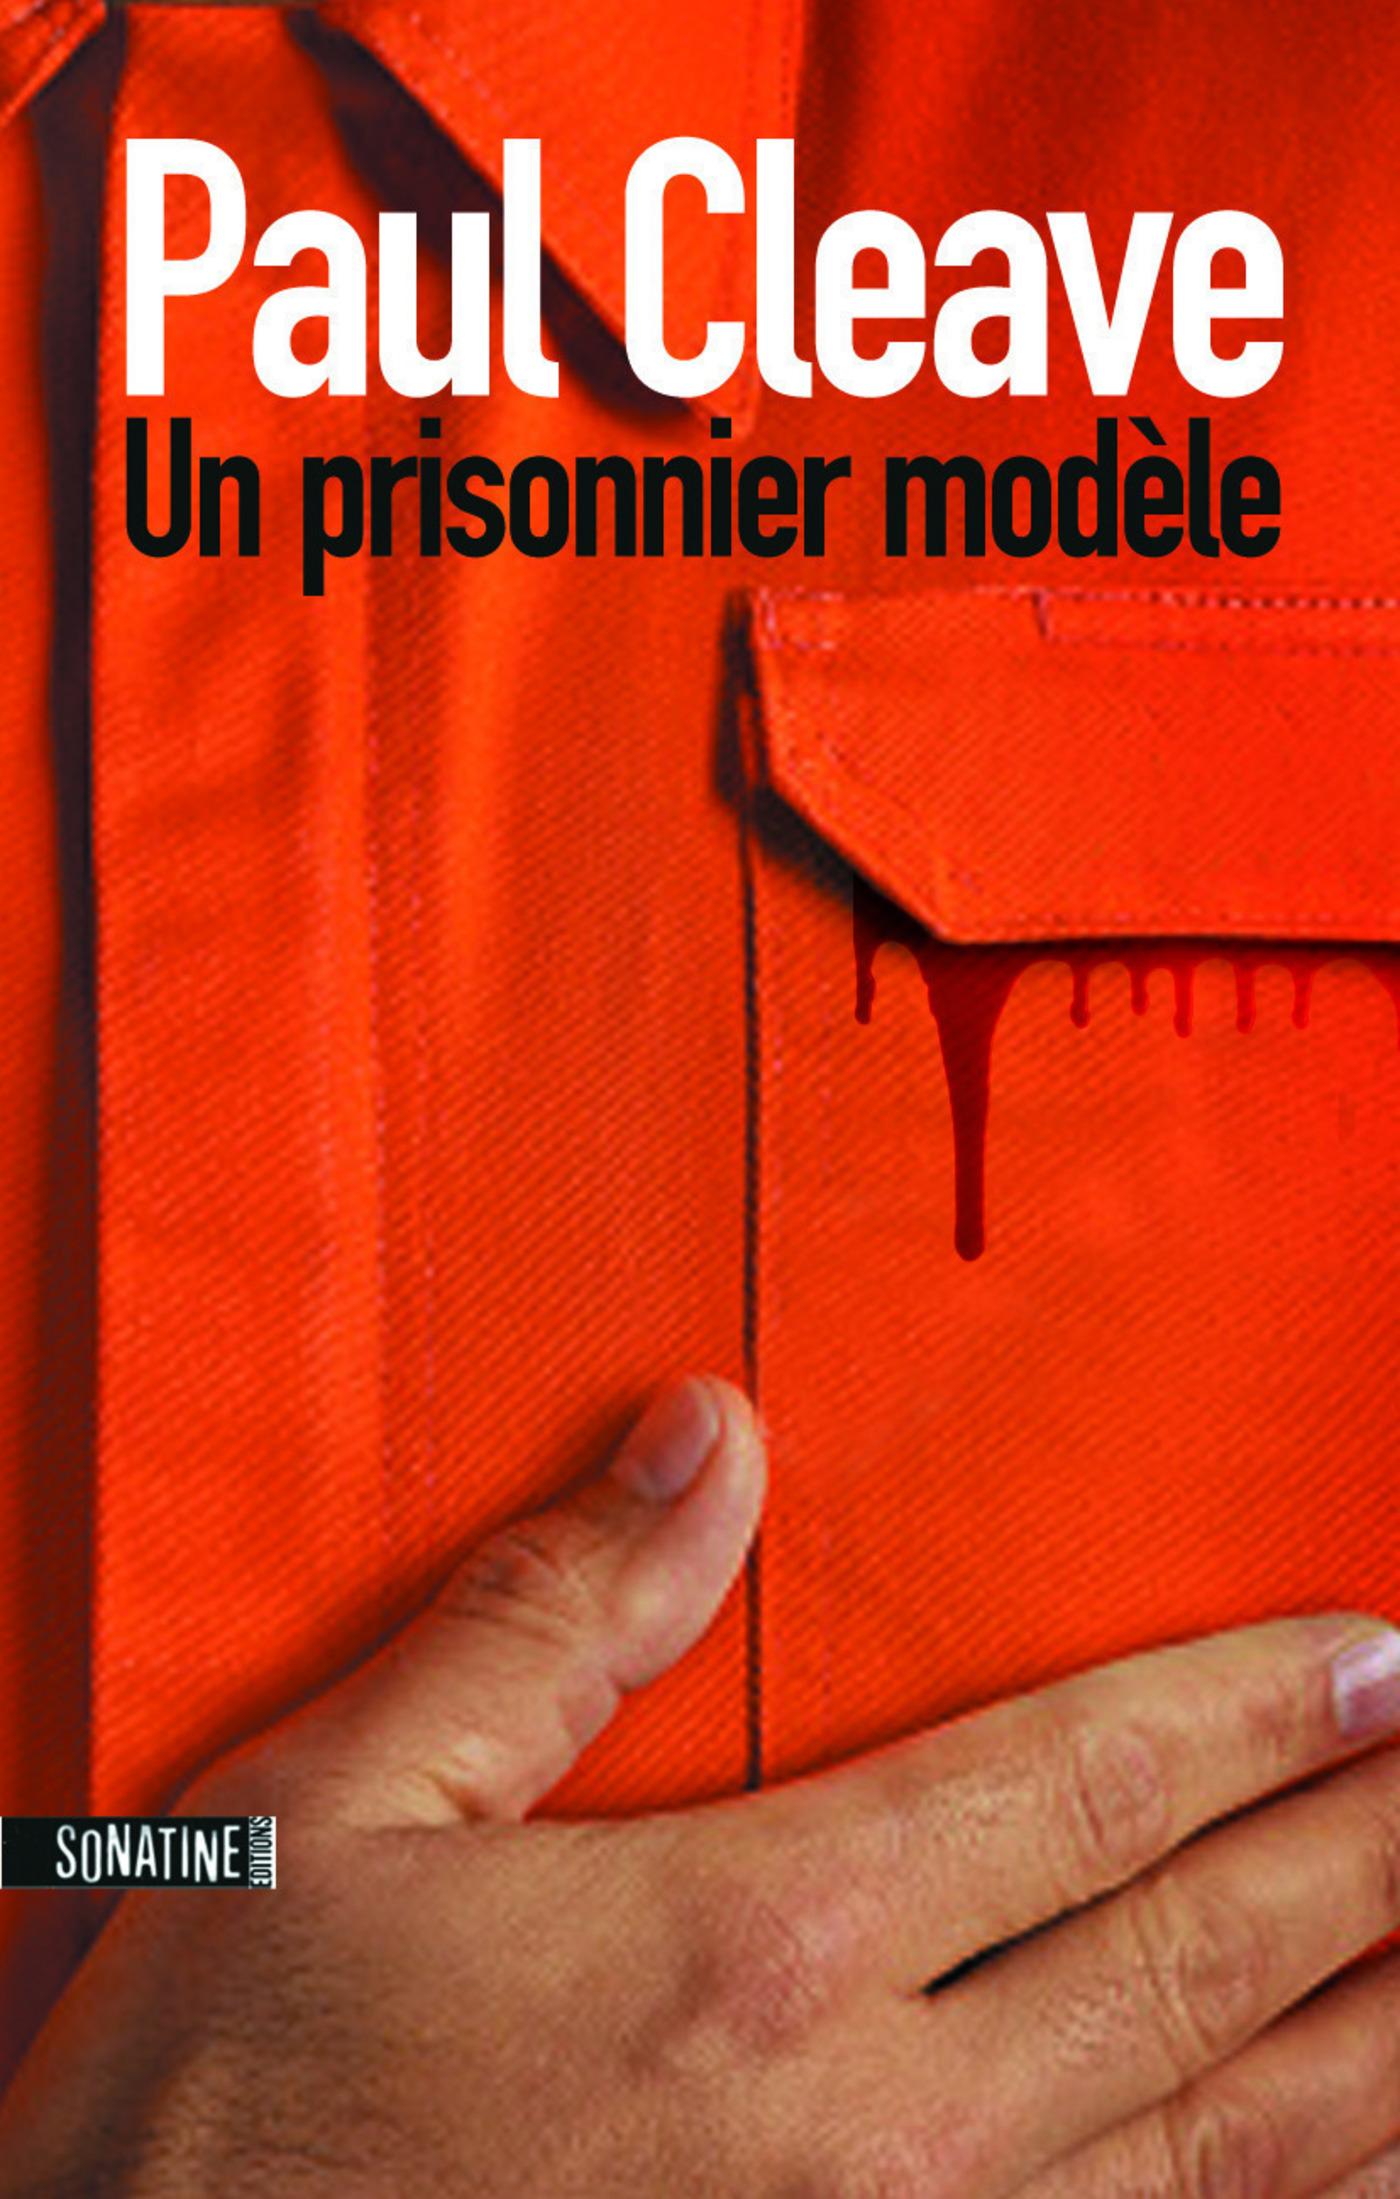 Un prisonnier modèle | POINTEAU, Fabrice